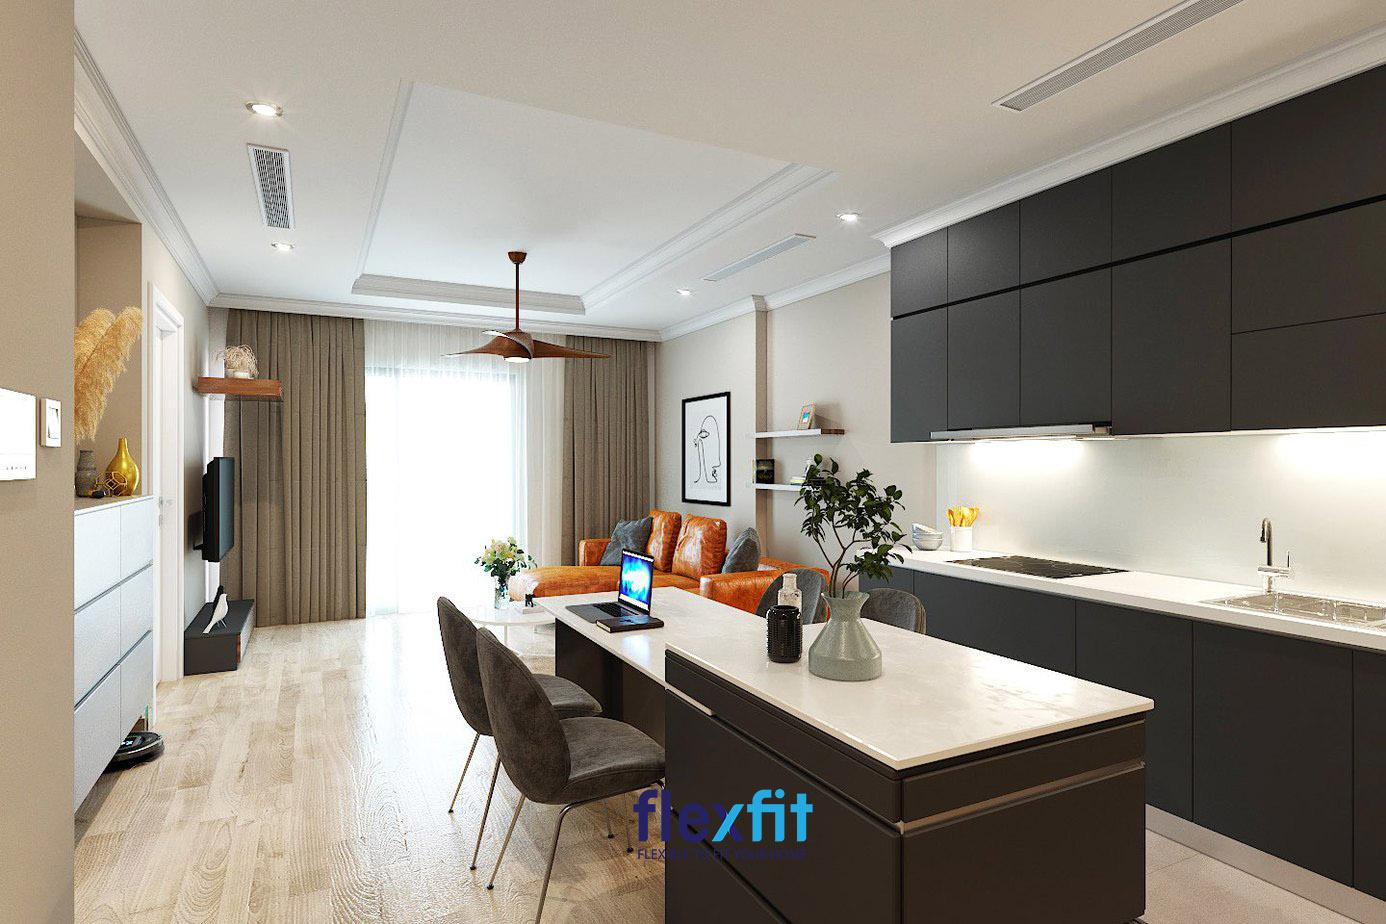 Căn bếp nội thất gỗ đen sang trọng thuộc dự án Park Hill Time City.